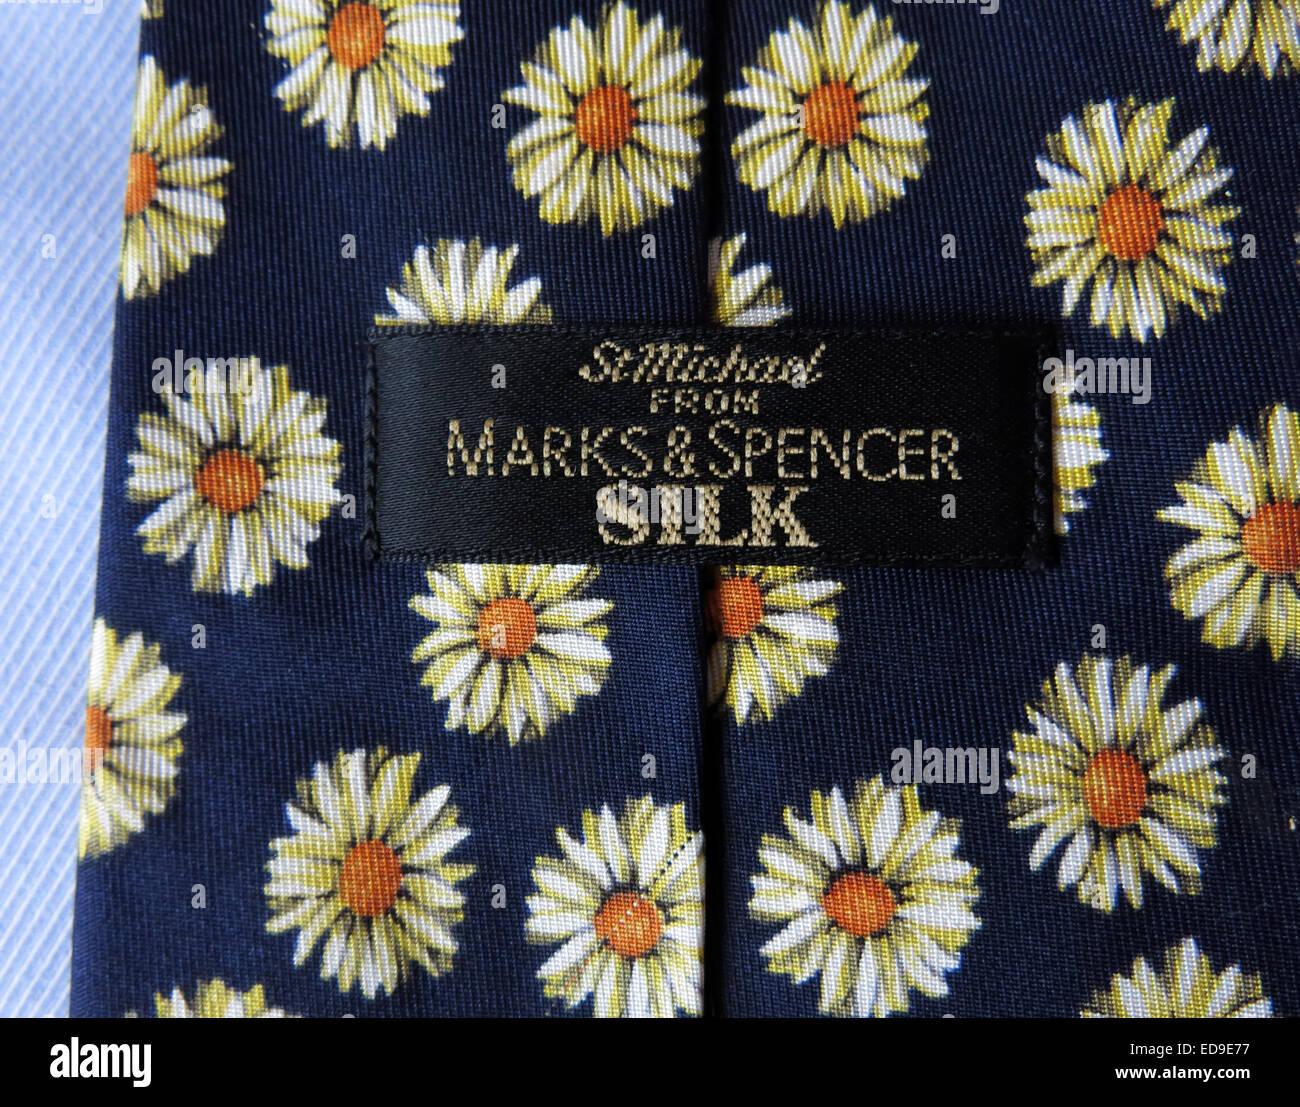 Laden Sie dieses Alamy Stockfoto Interessante St Michael M & S Marks & Spencer binden, männliche Antik in Seide - ED9E77